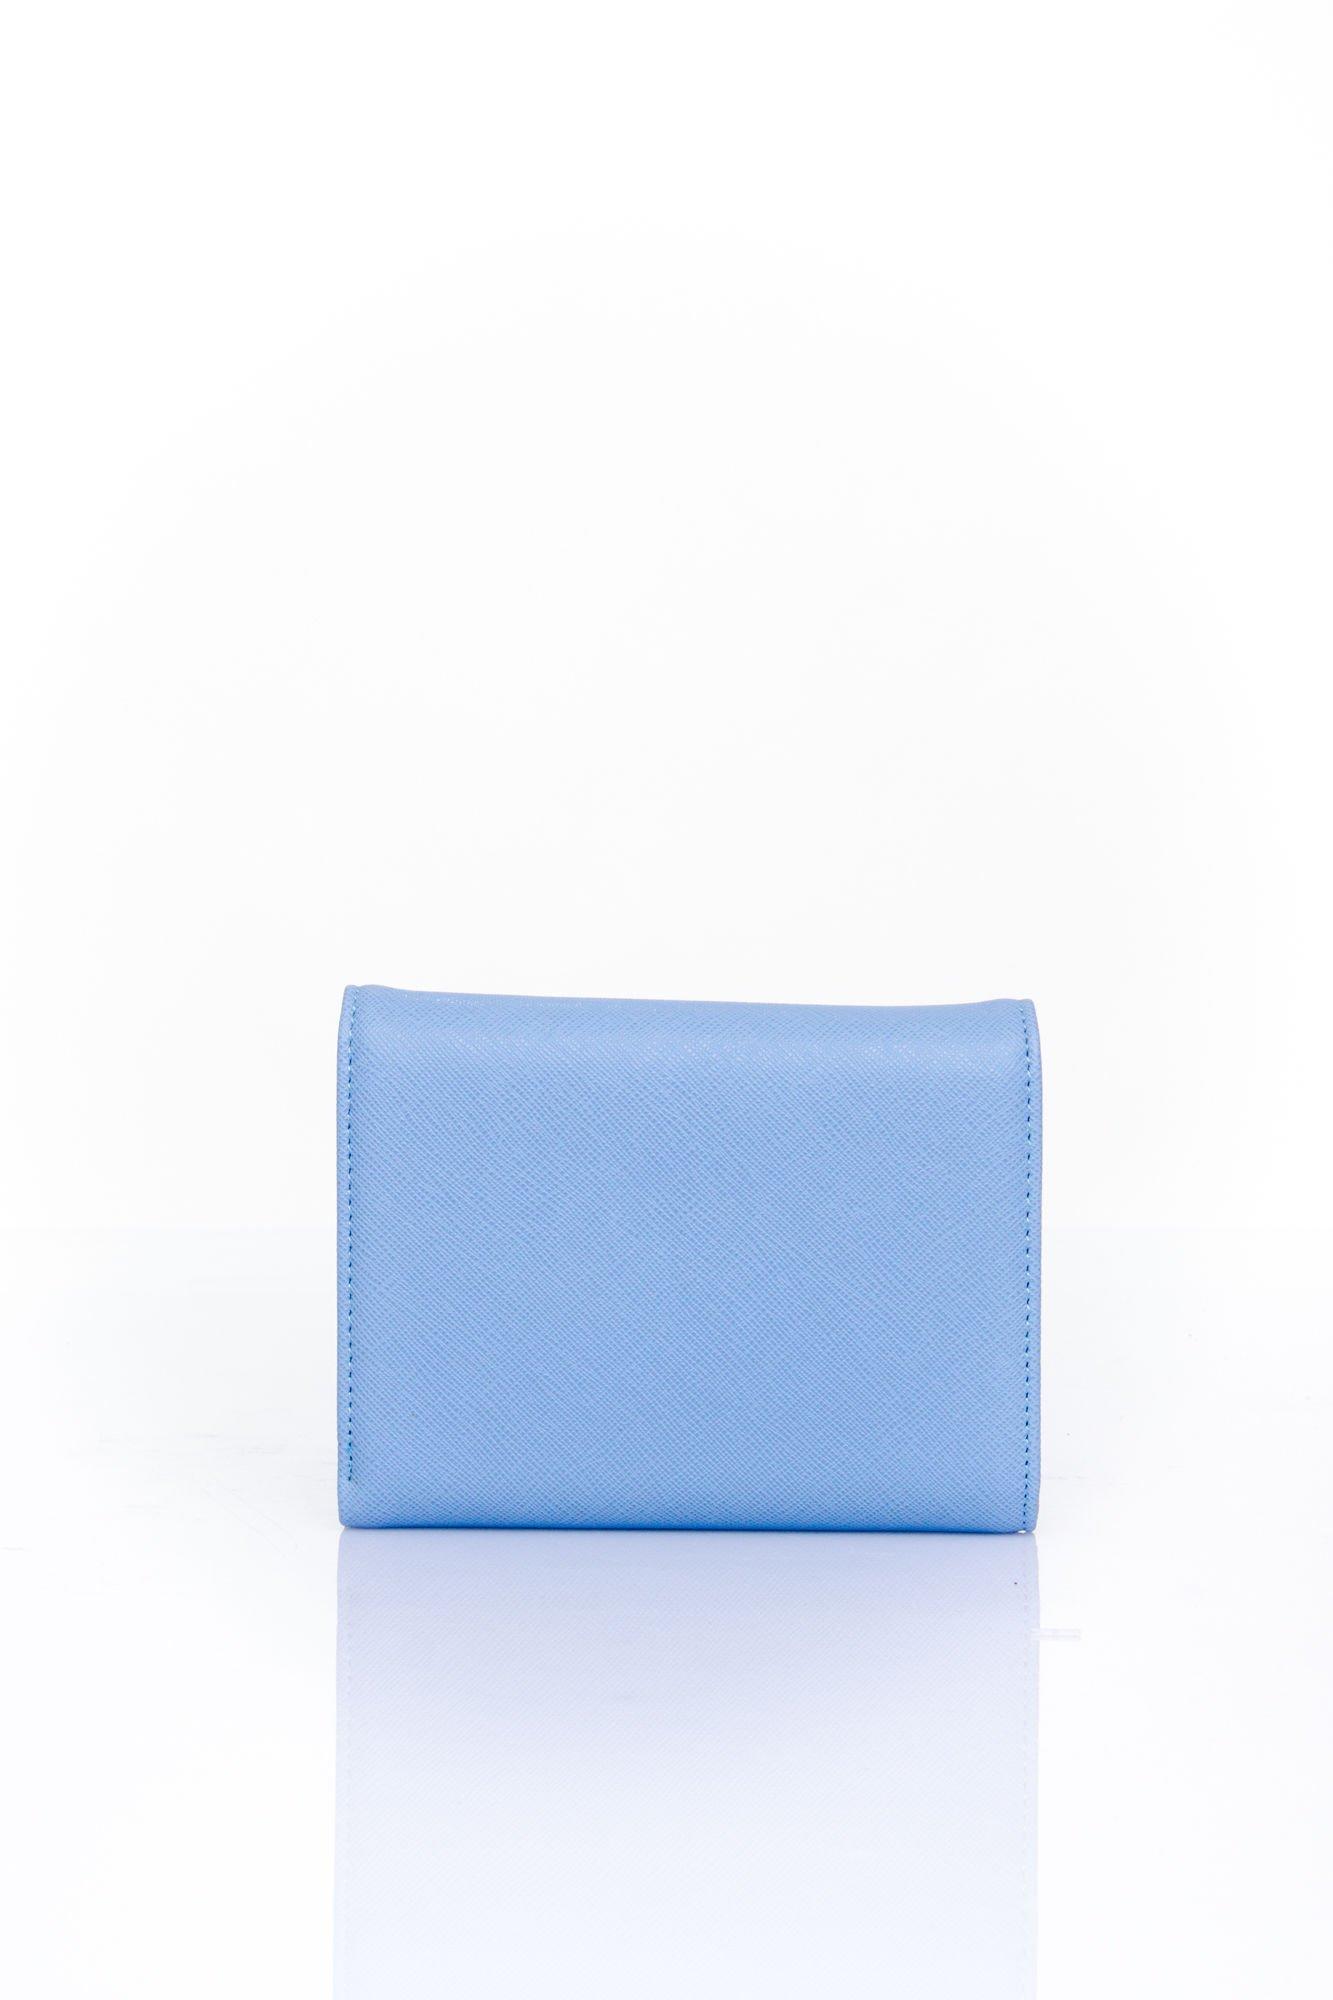 Niebieski portfel z kokardką                                  zdj.                                  2